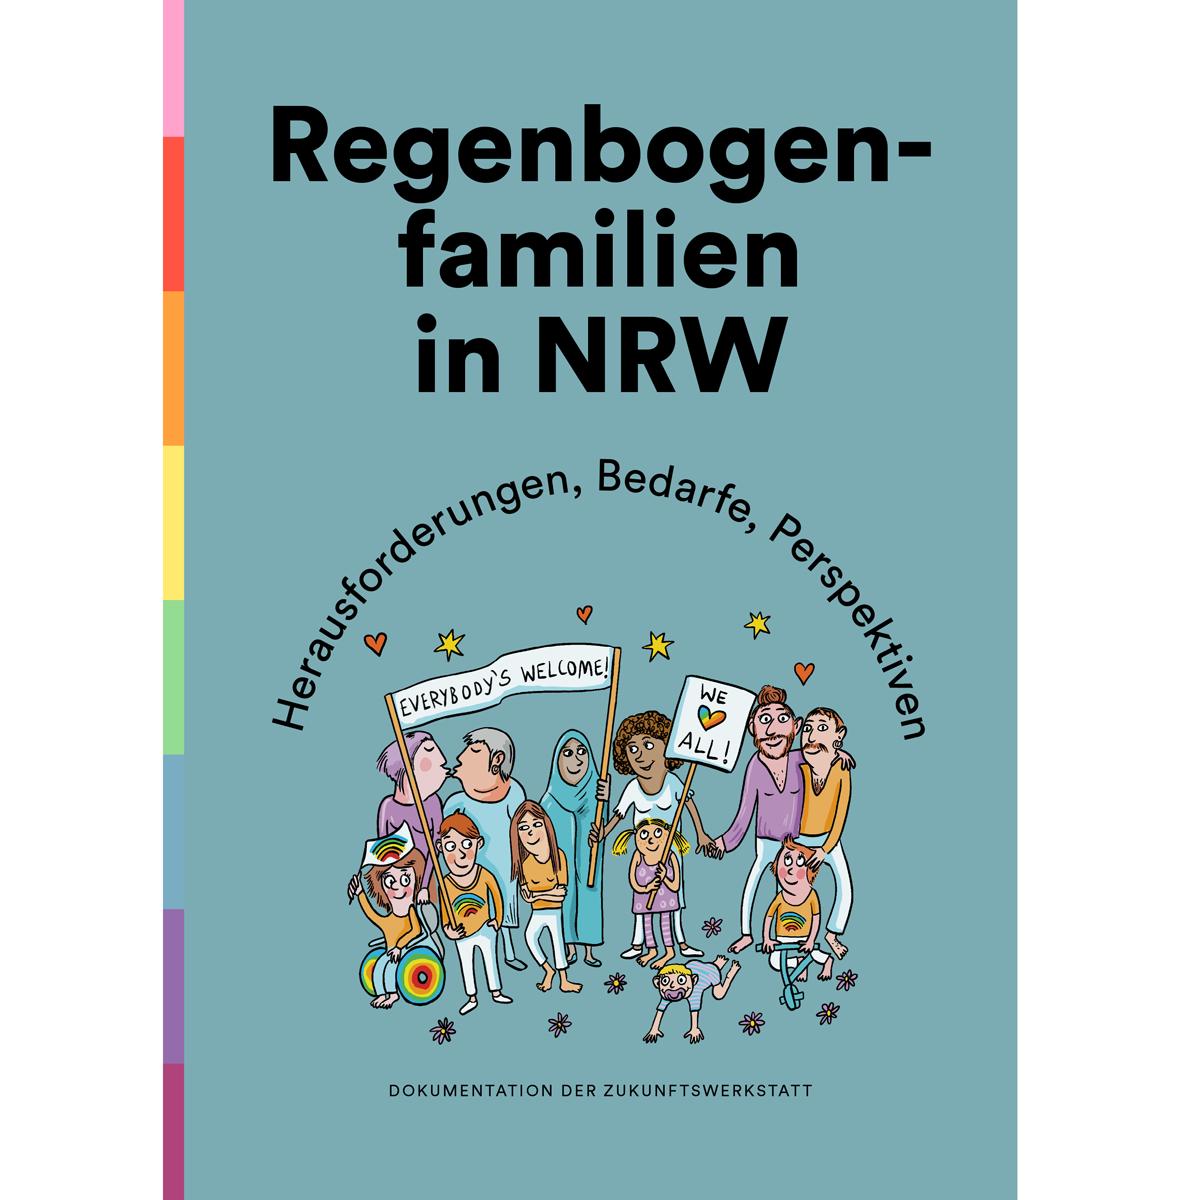 Dokumentation Regenbogenfamilien in NRW – Herausforderungen, Bedarfe, Perspektiven.